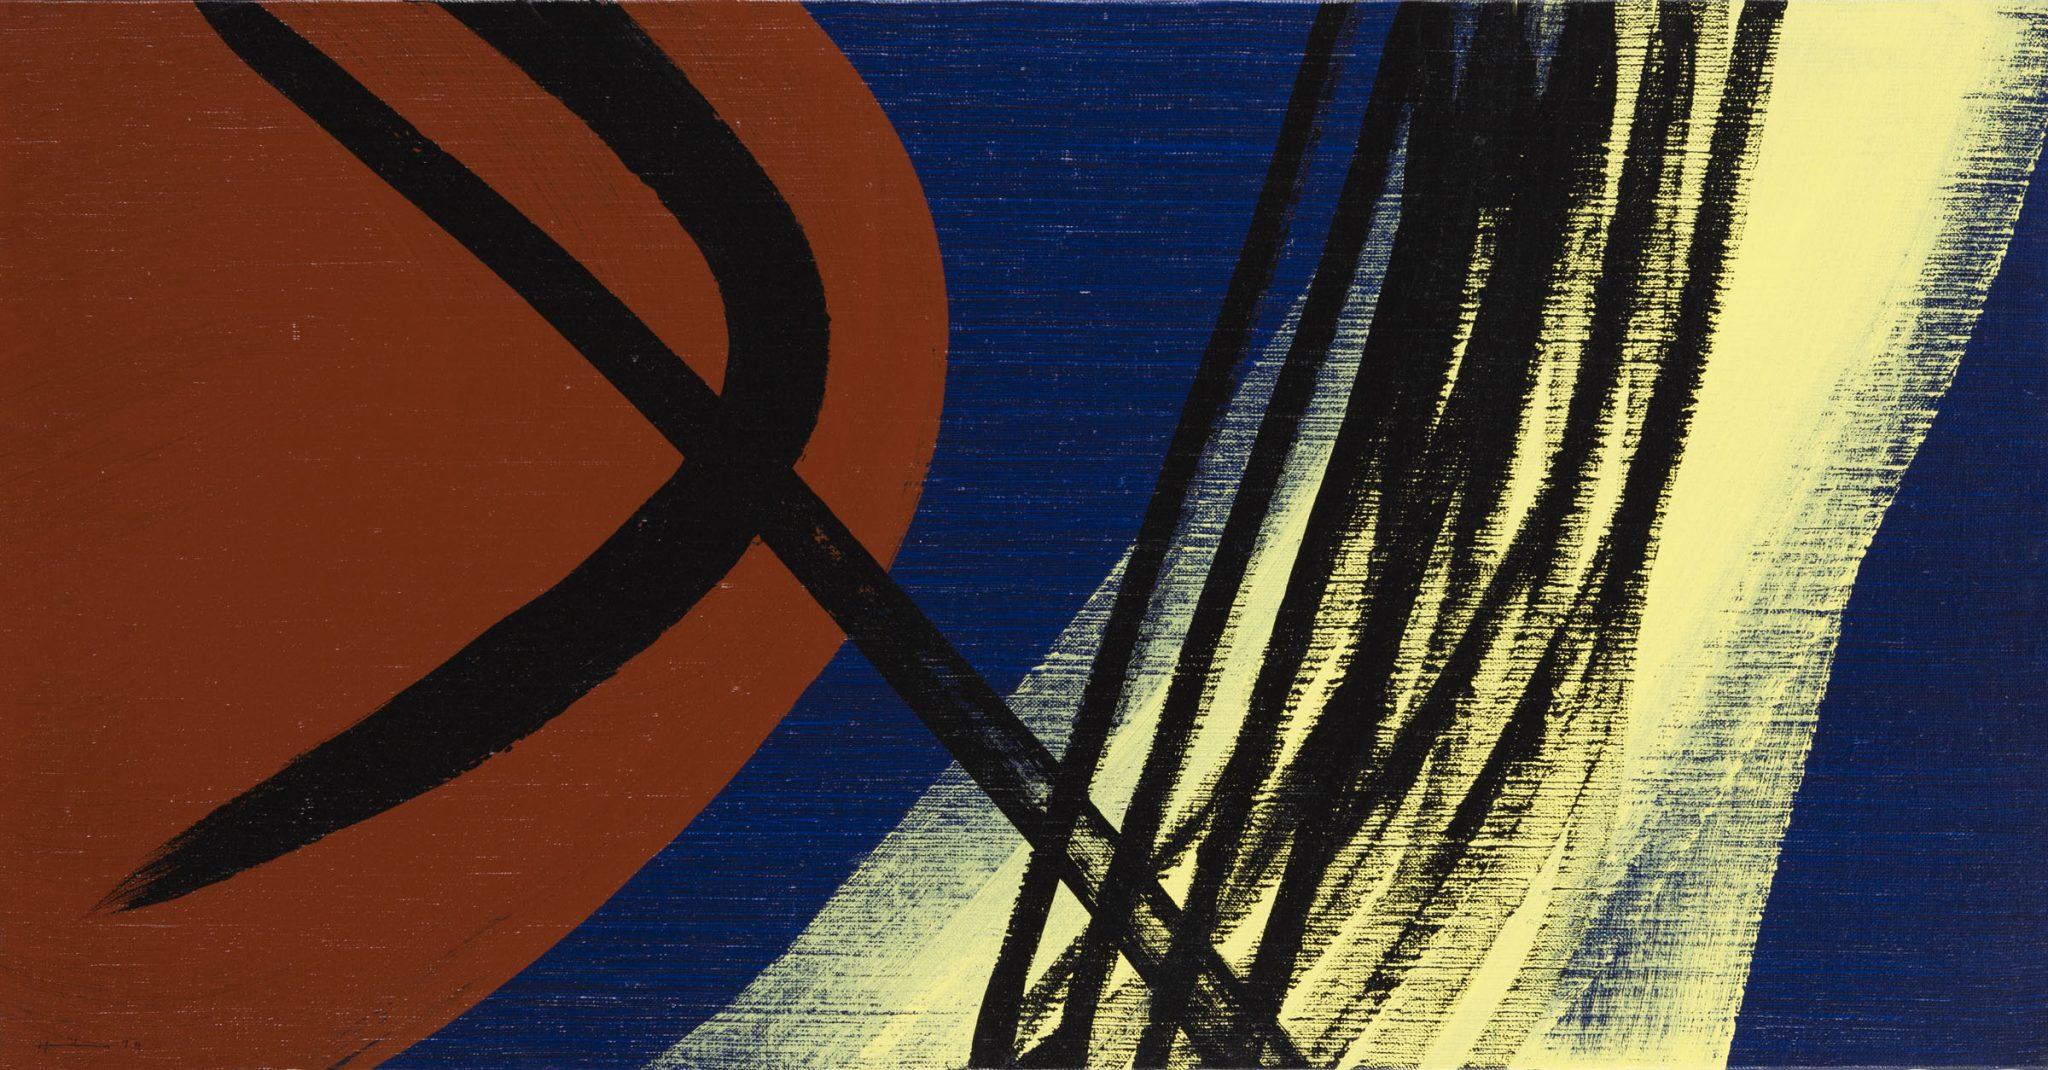 Hans Hartung, T1974-E28 T1974-E29, 1974, acrilico su tela, 50 x 220 cm, Collezione Fondazione Hartung-Bergman